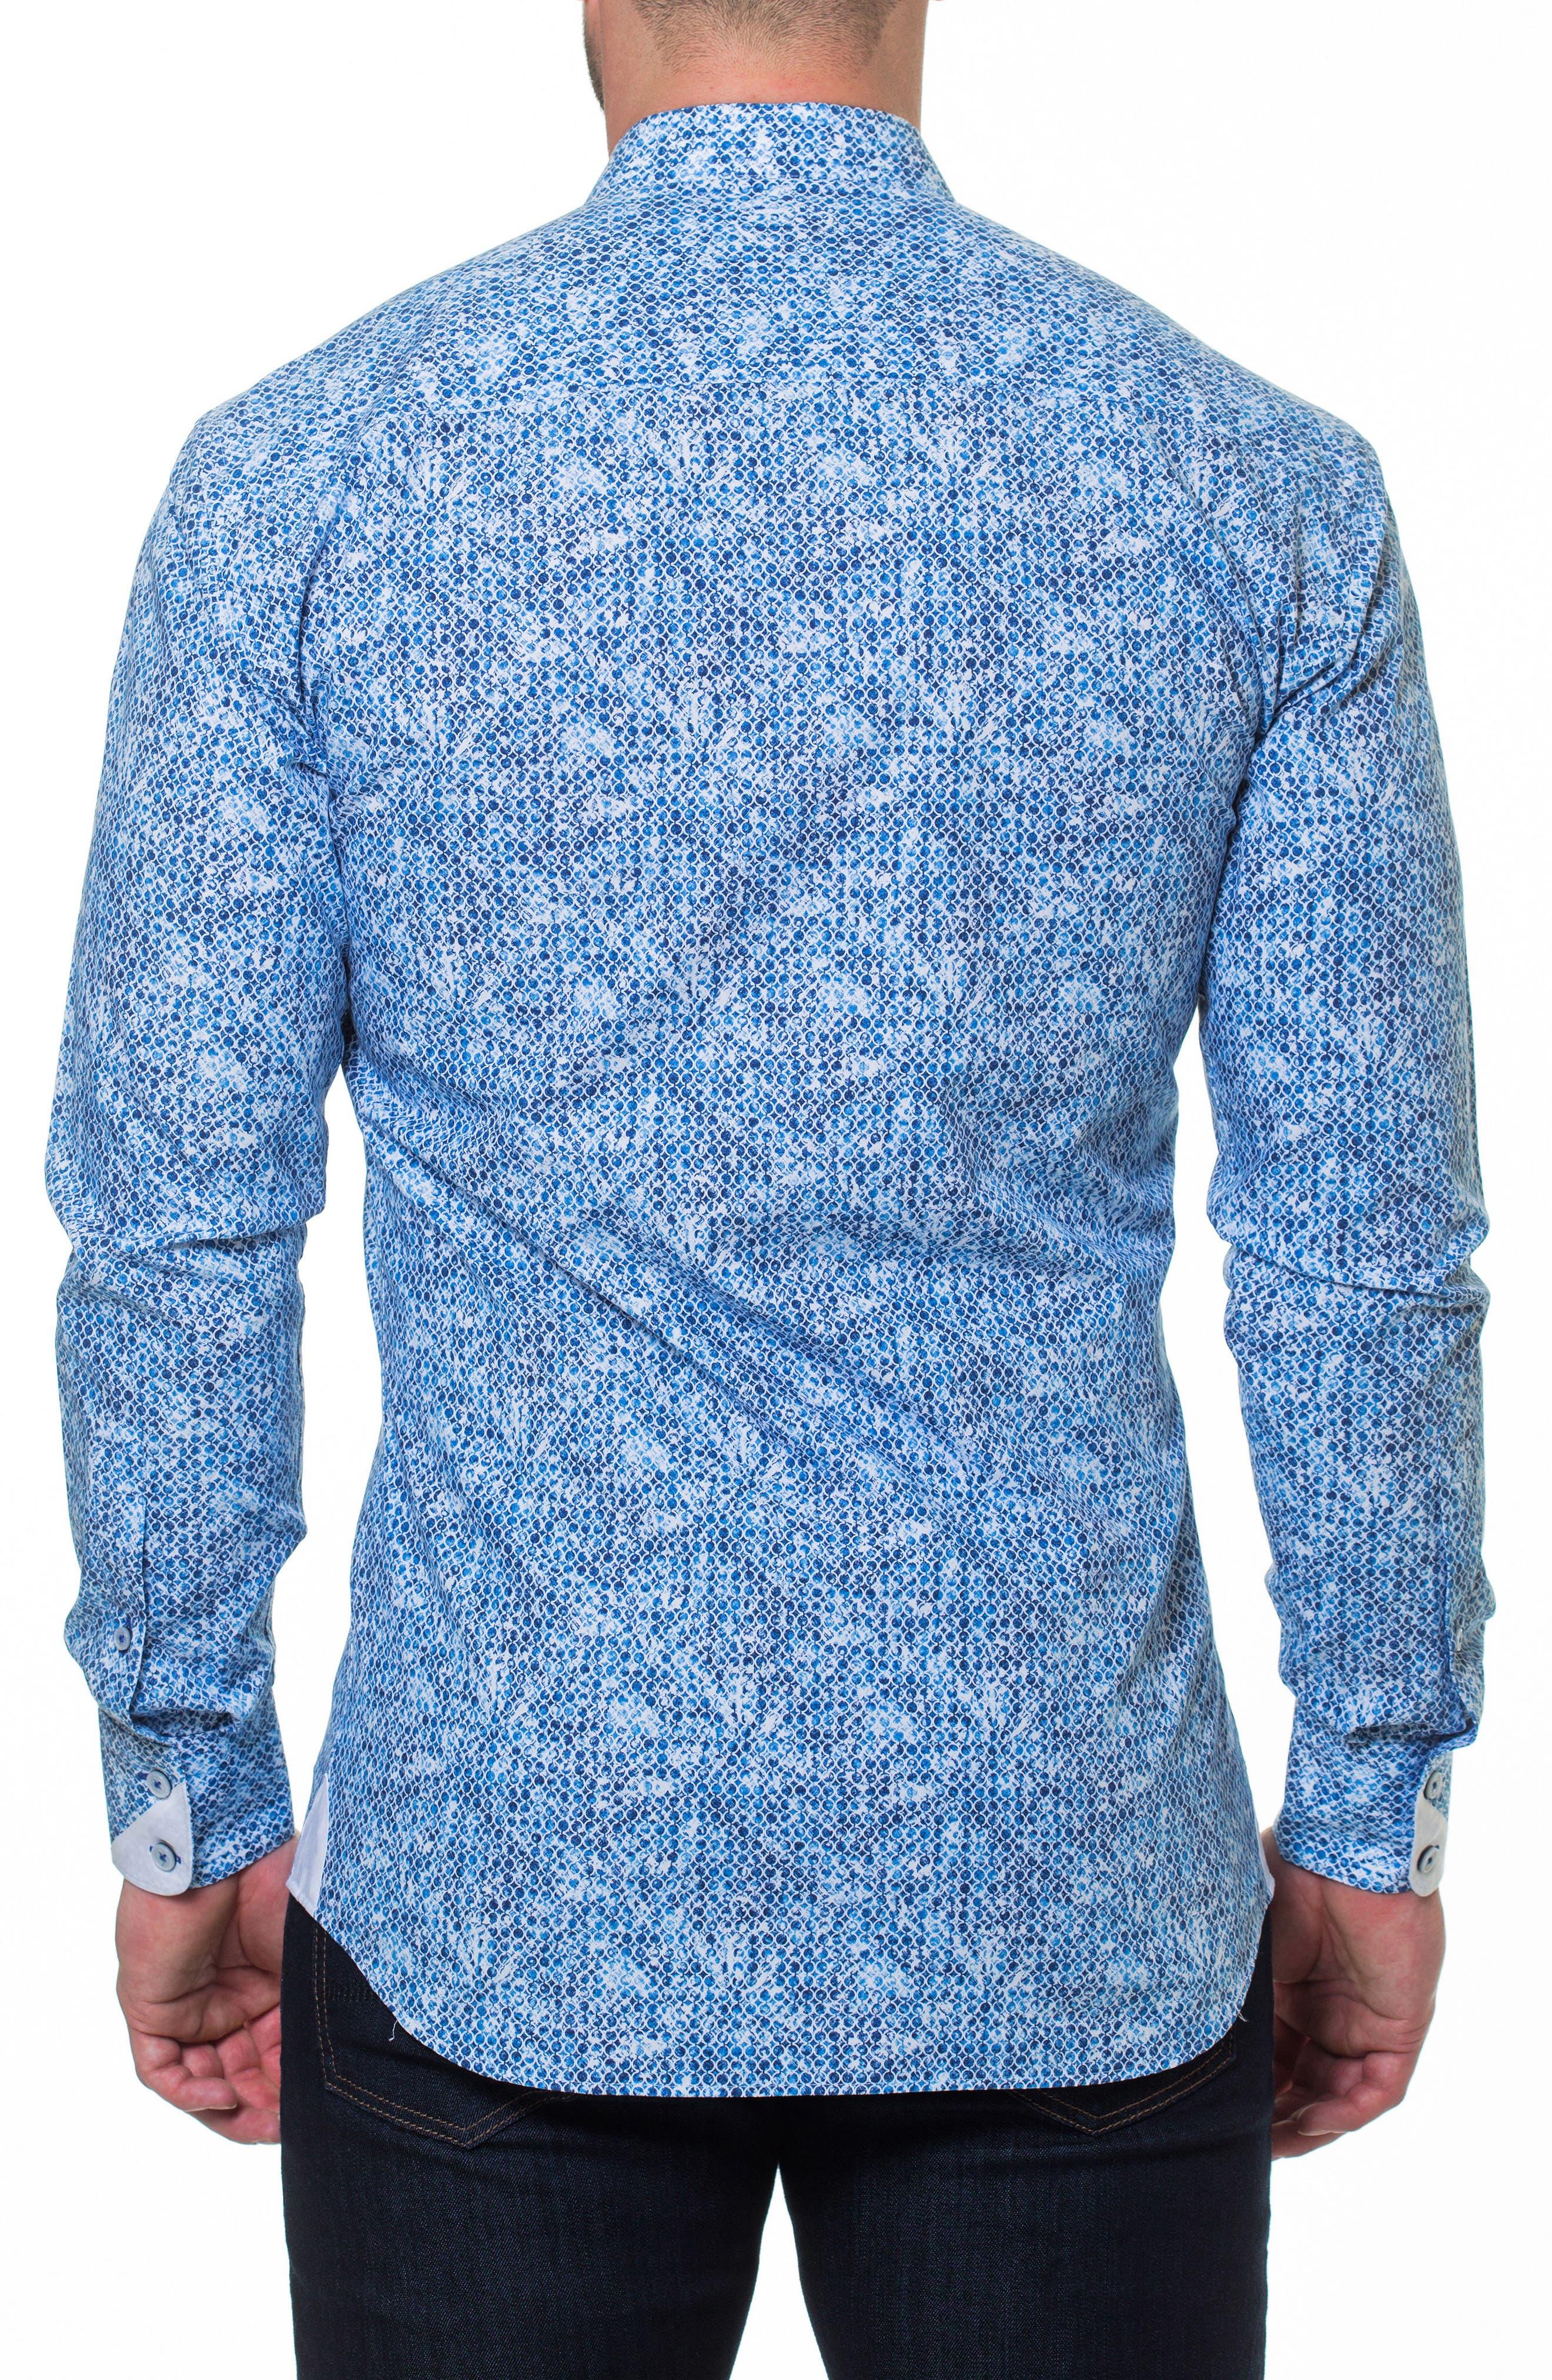 Luxor Ring Sport Shirt,                             Alternate thumbnail 2, color,